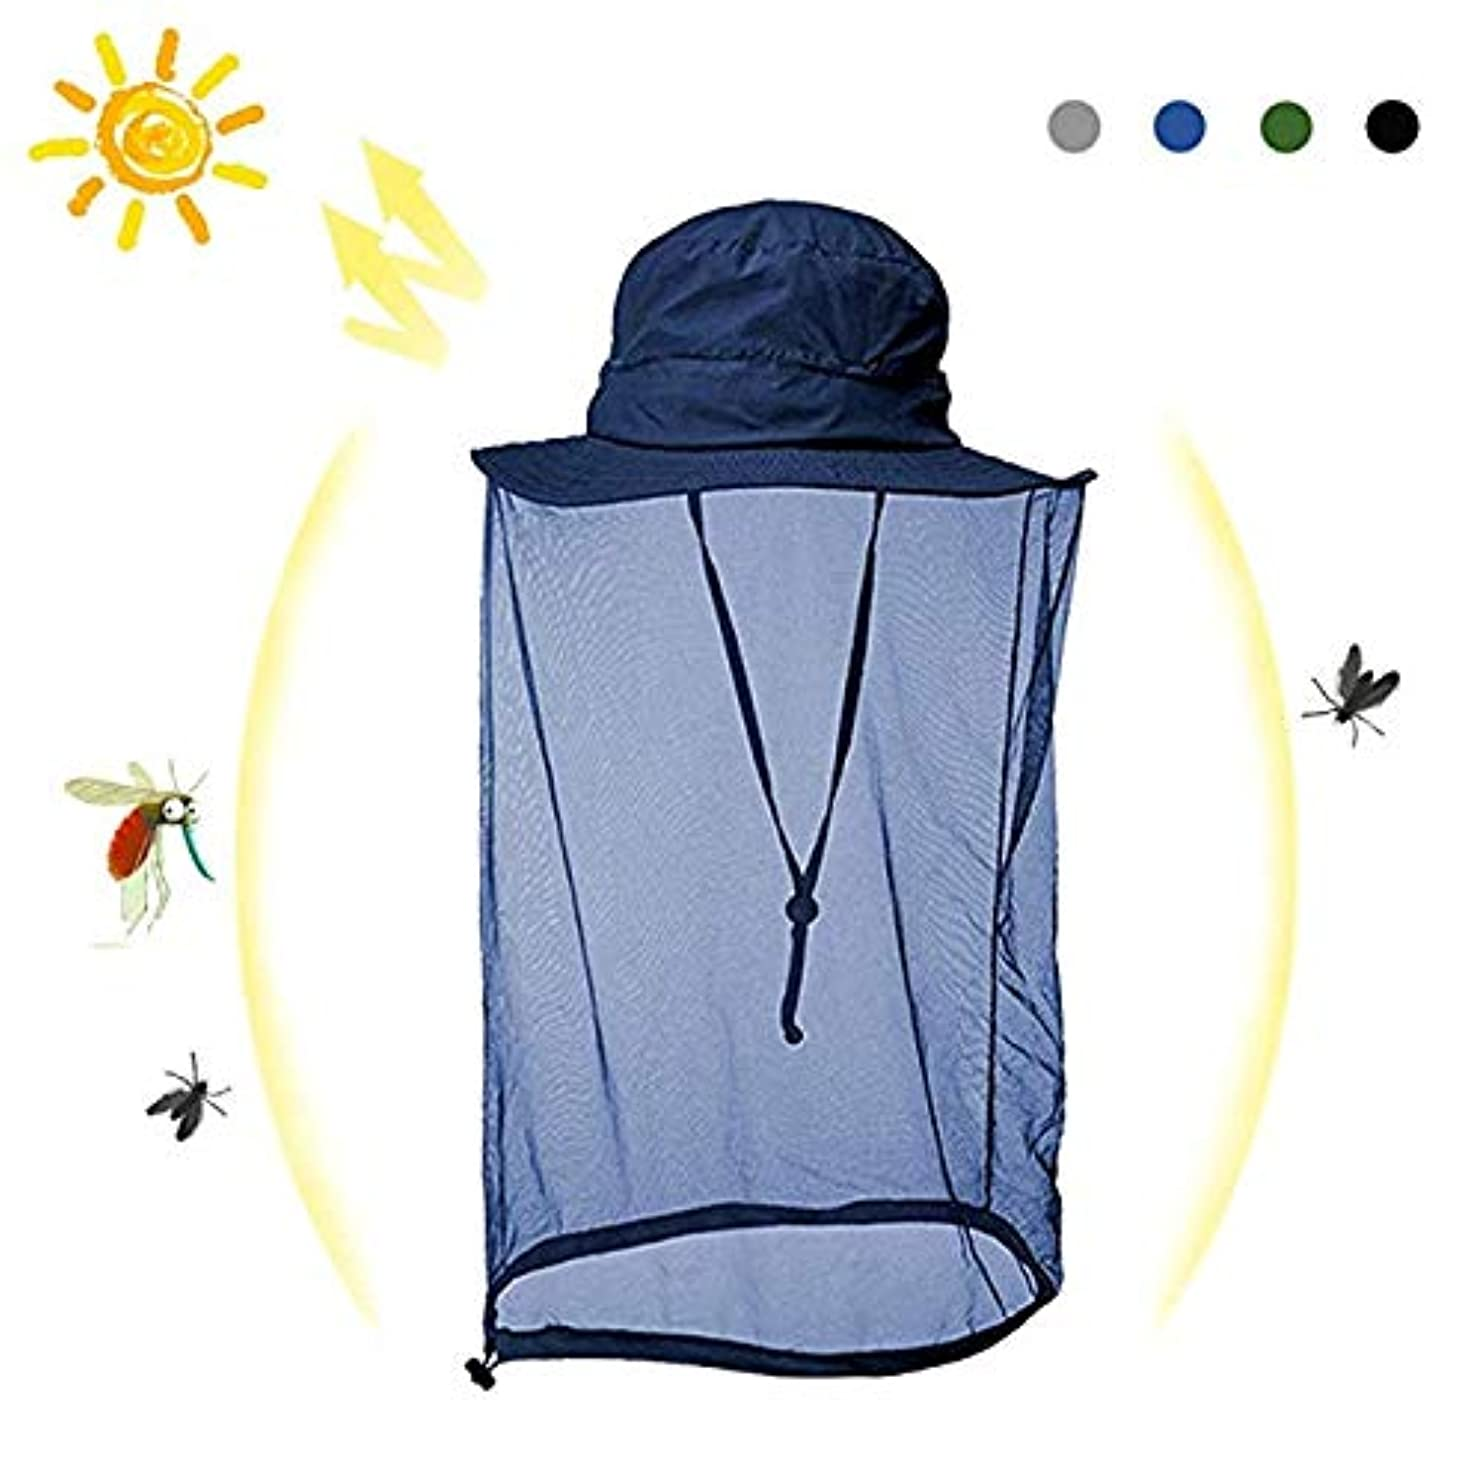 カウボーイ溶接調べる帽子 ネット 虫除け 蚊よけ 防虫ネット メッシュ カバー 携帯 頭部 蚊帳 紫外線対策 農作業 釣り ハイキング アウトドア